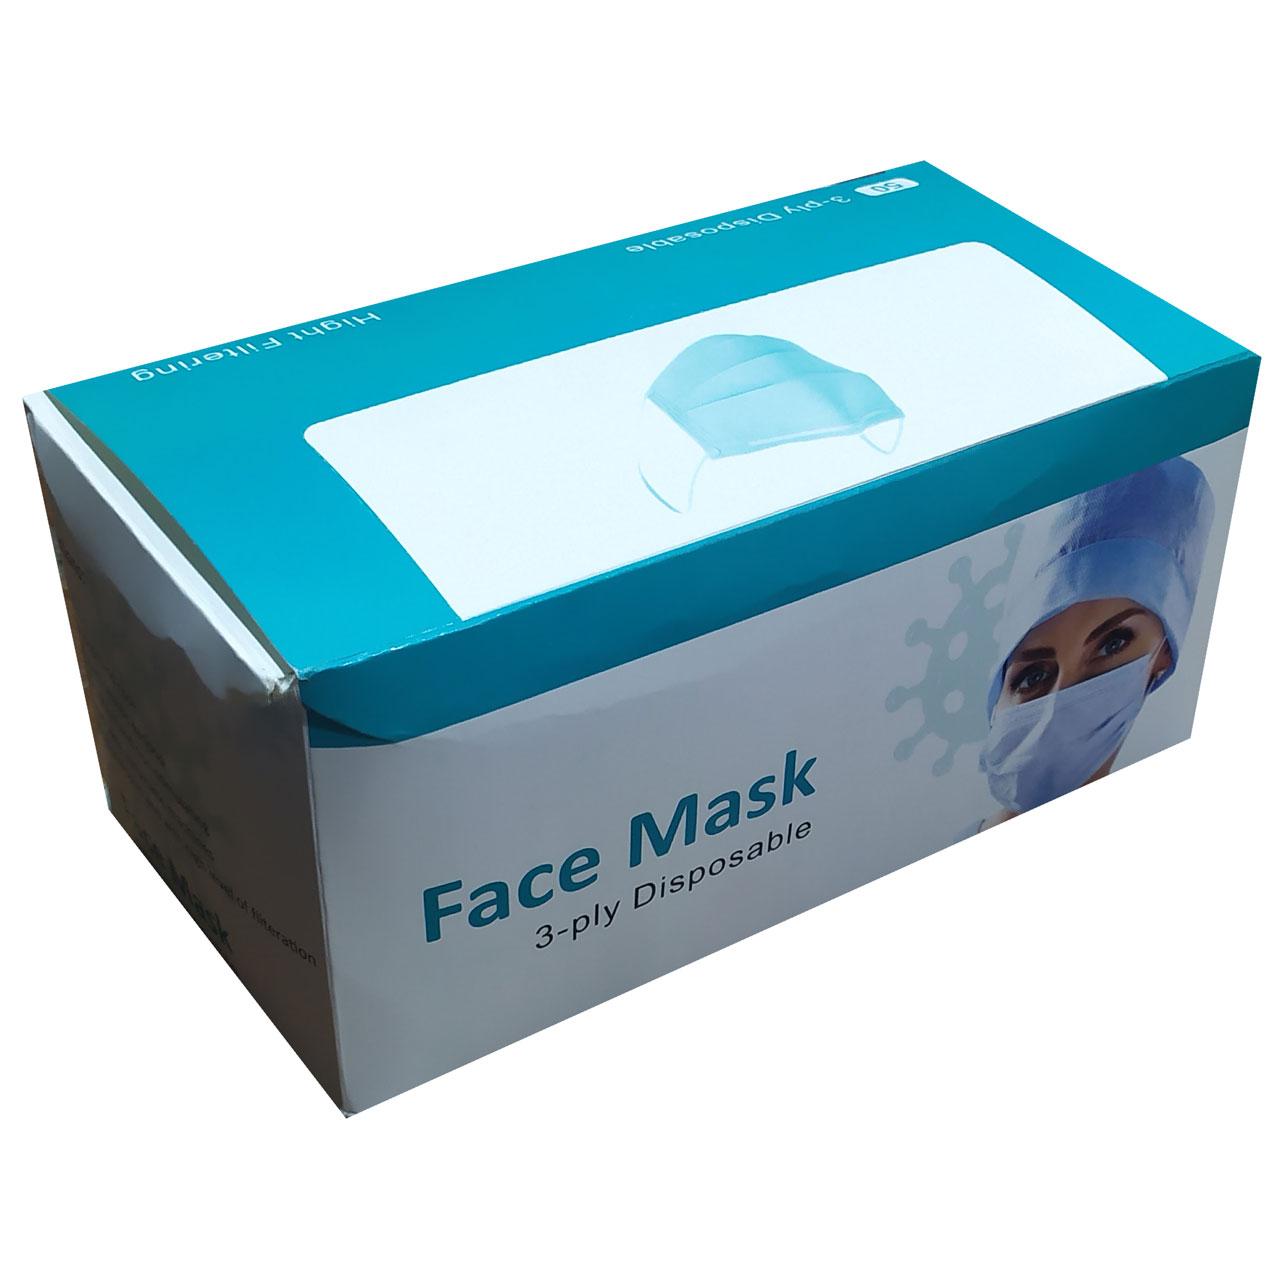 ماسک تنفسی کد 3ply بسته 10 عددی